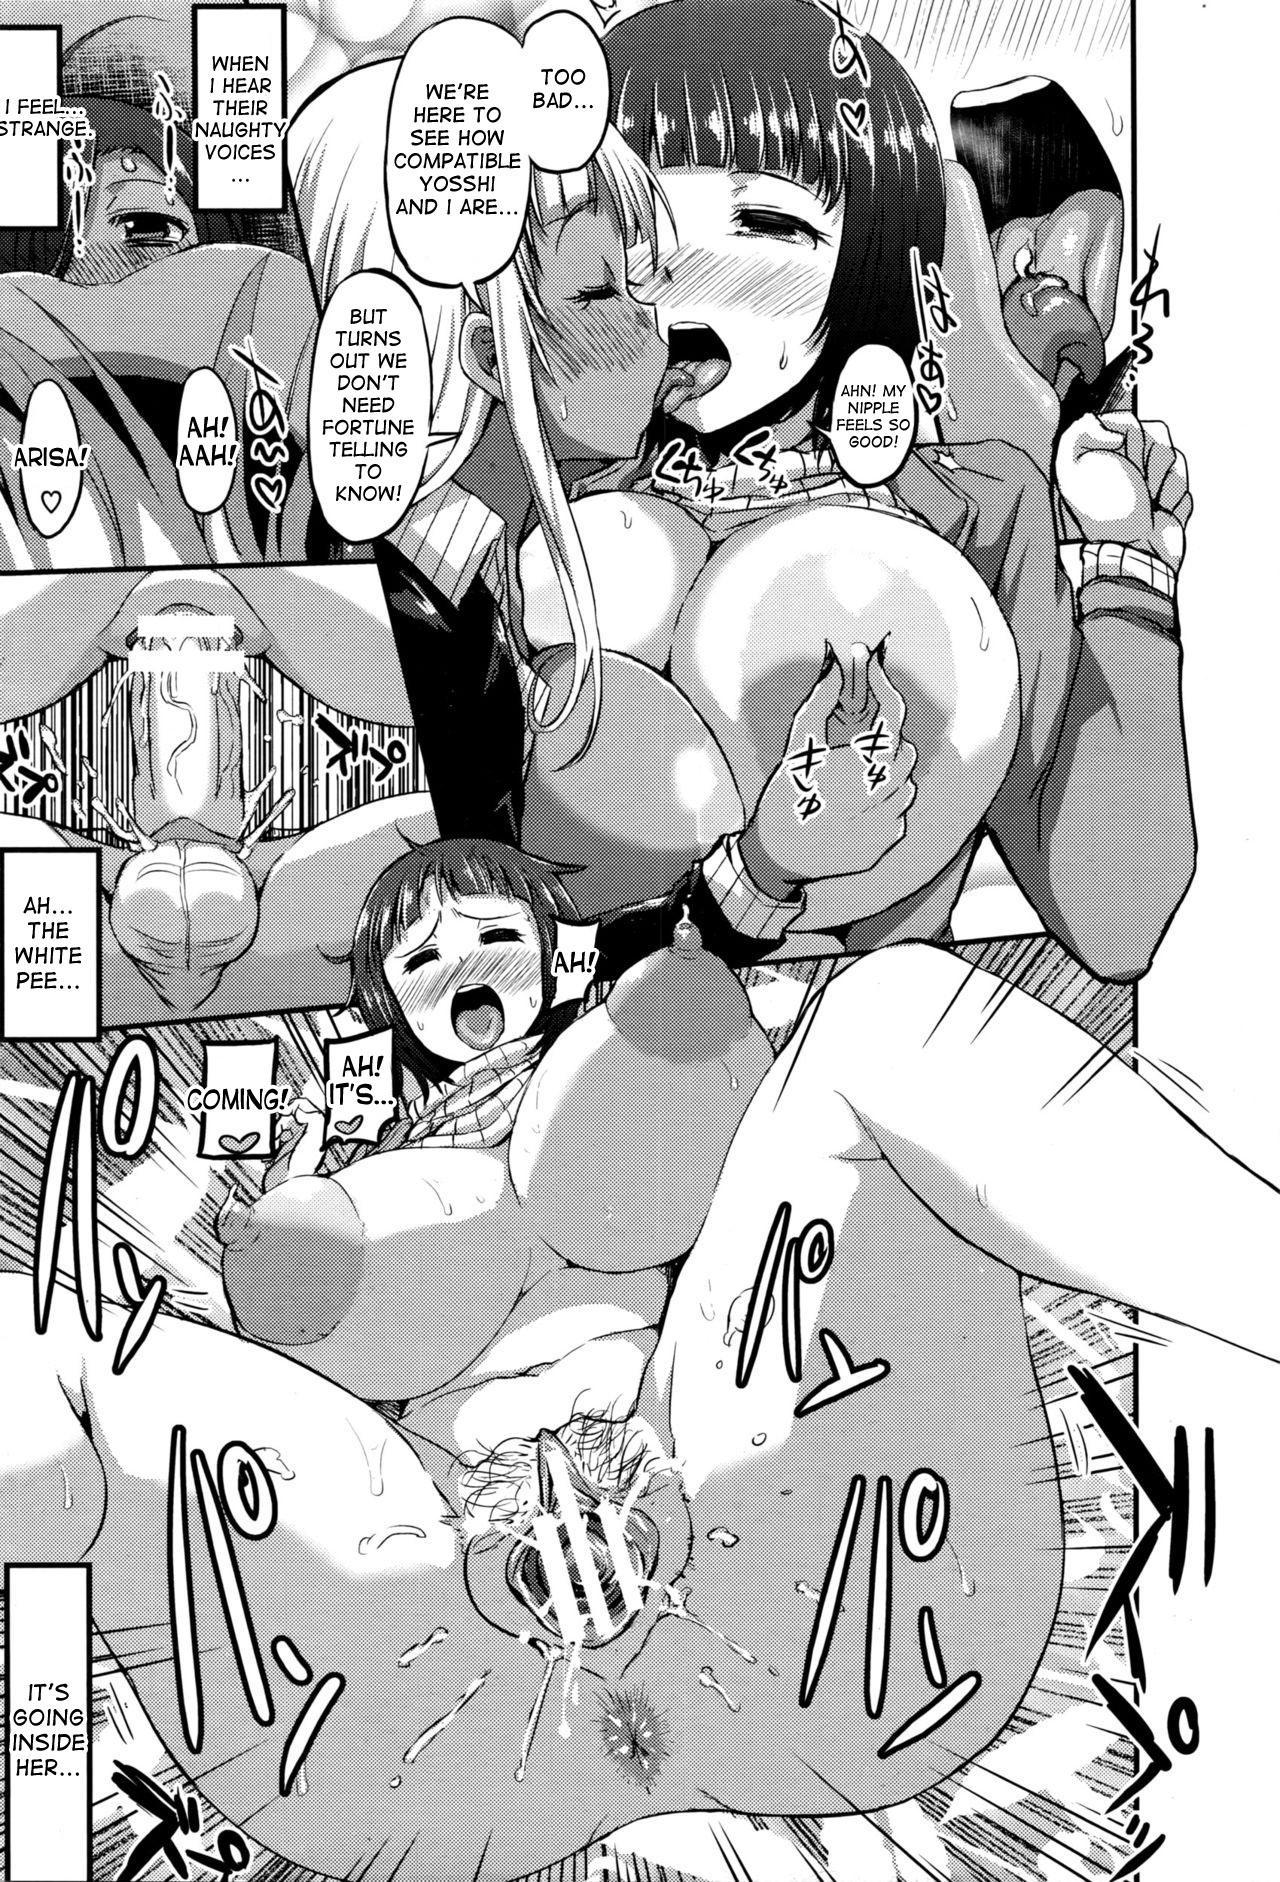 Chikubi Uranai kara no Arekore | This and That After Nipple Fortune Telling 14